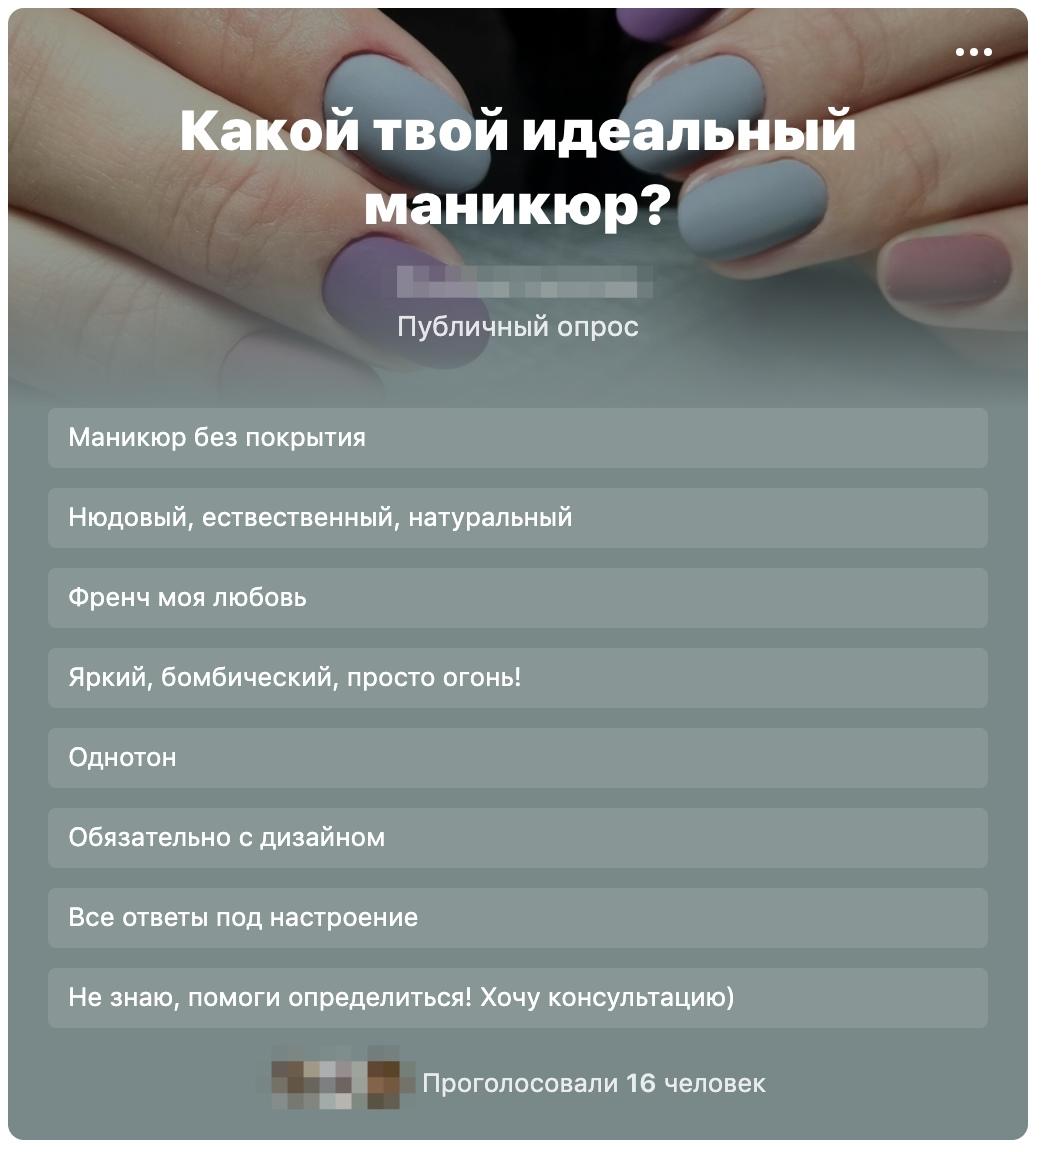 Как фотограф Юля из Тюмени продала свои услуги на 209 750 рублей, рекламируя всего 1 пост, изображение №13